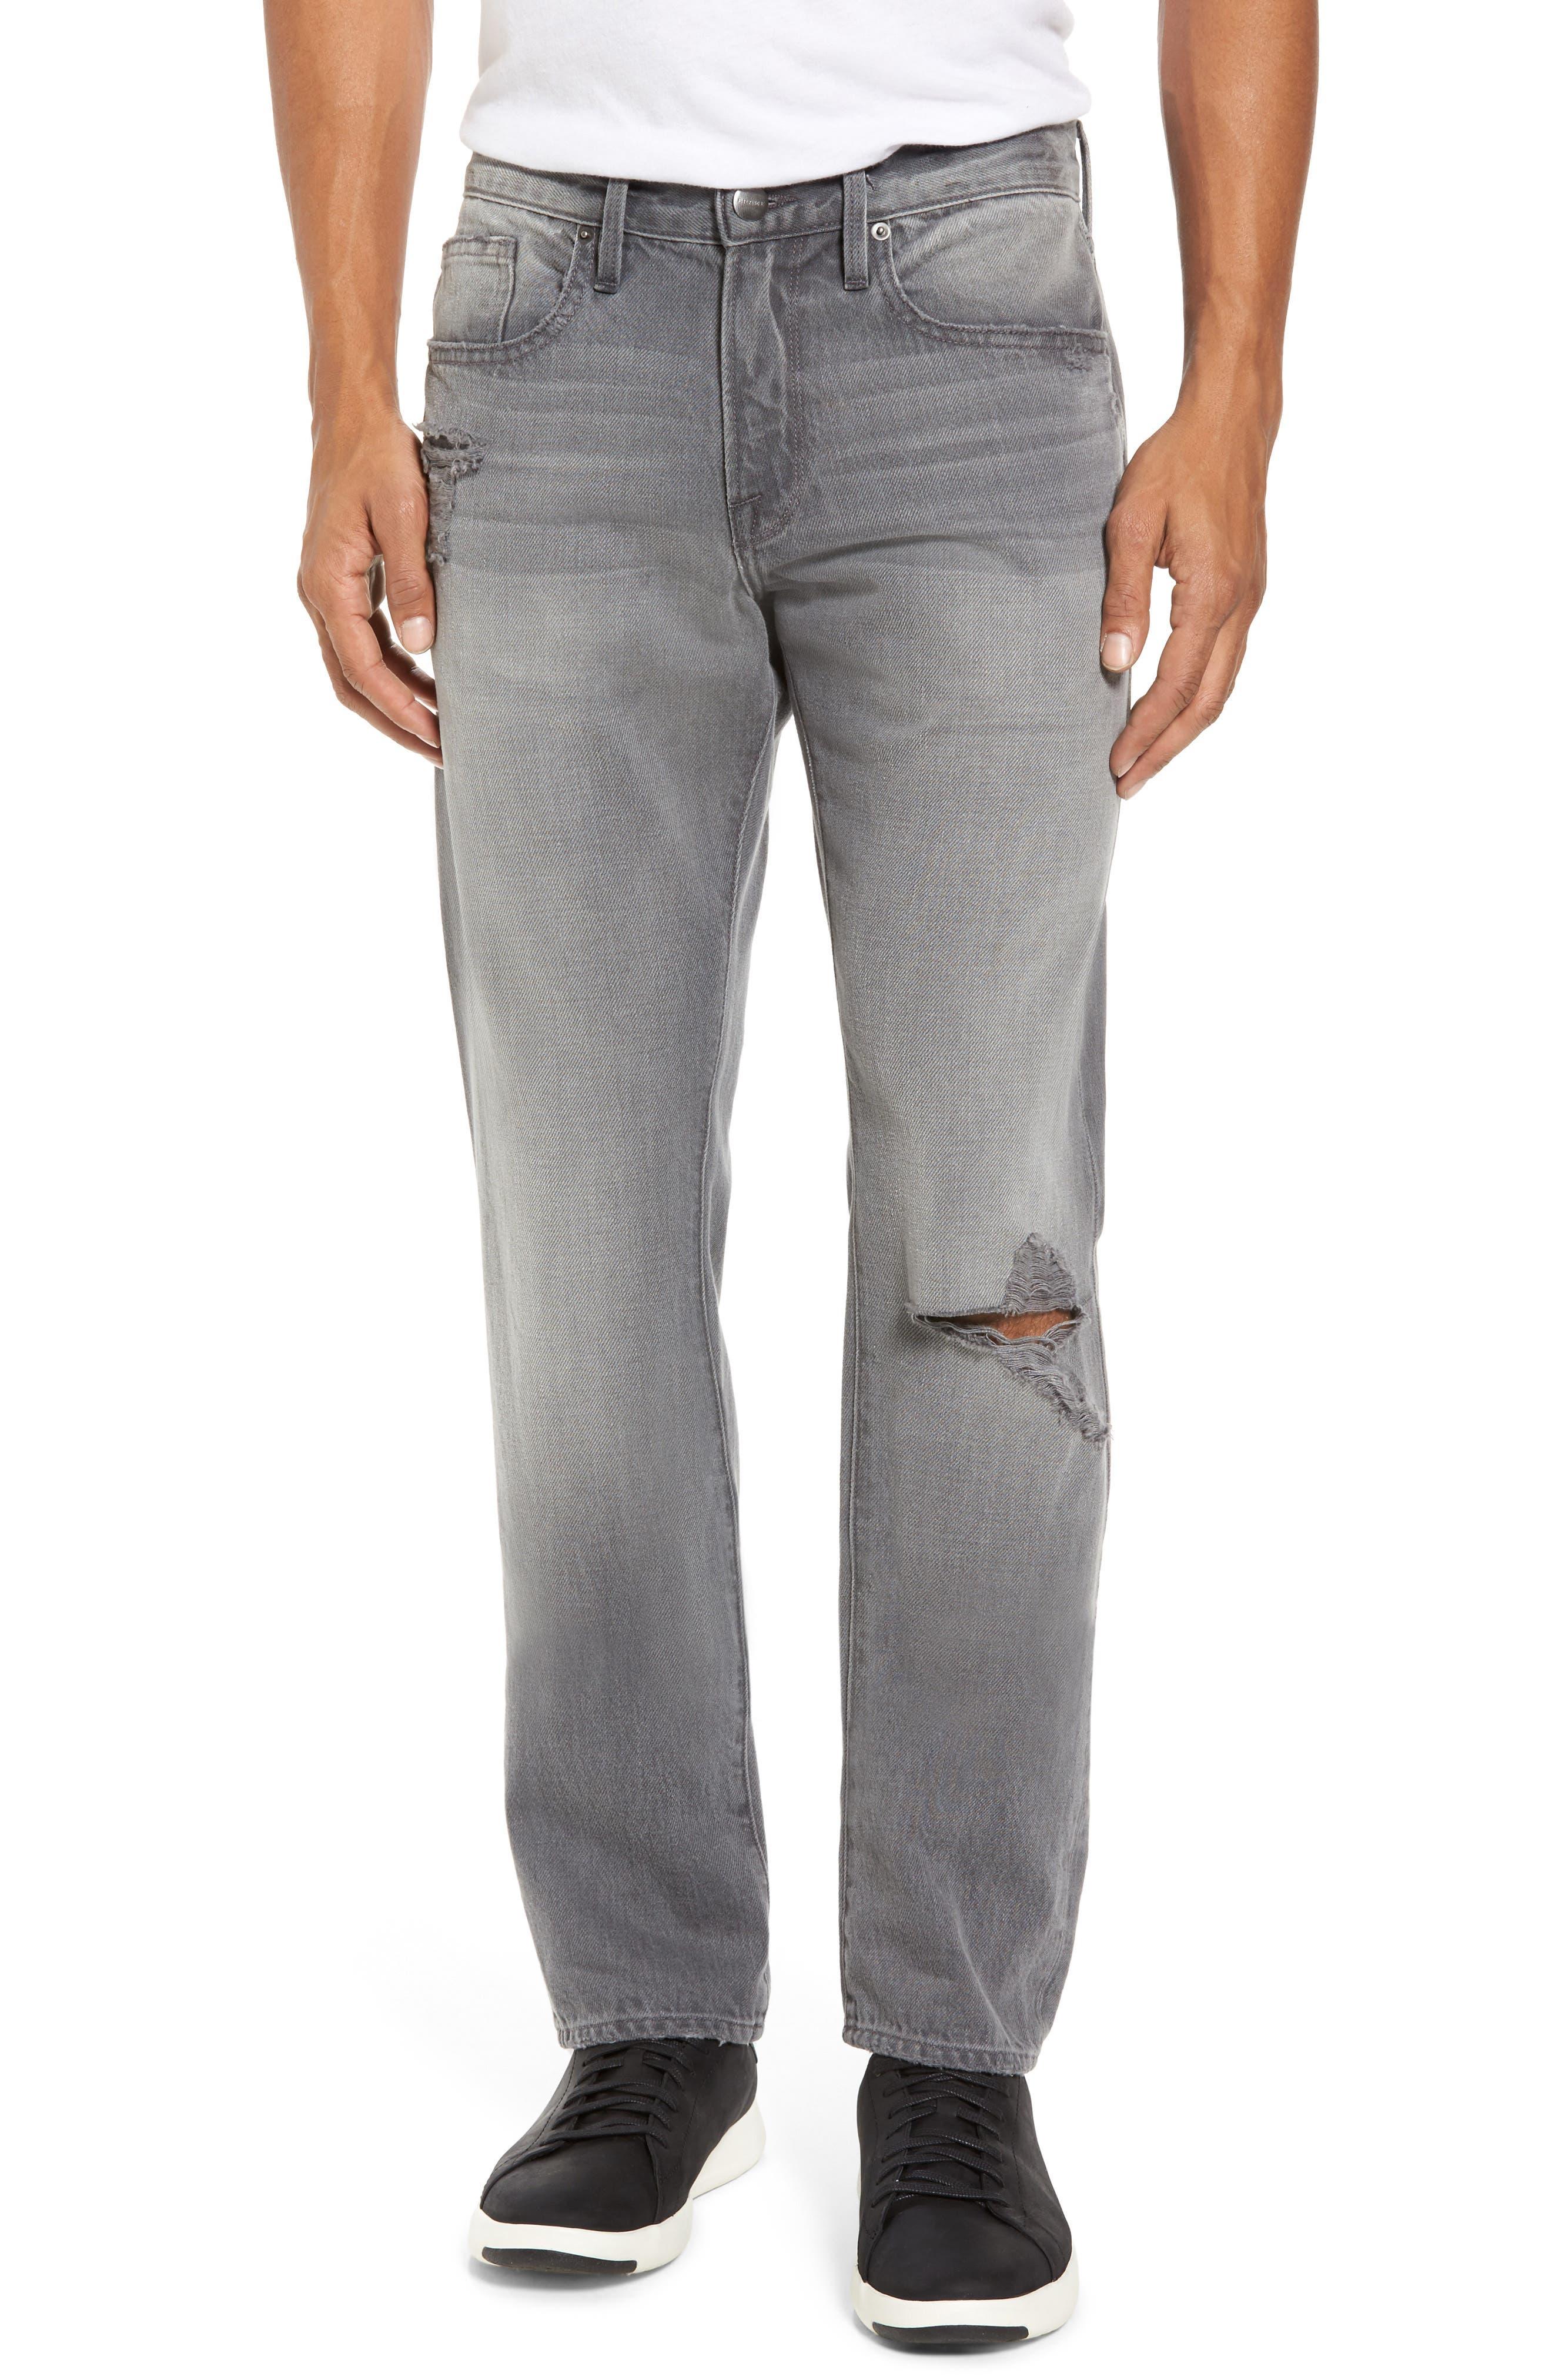 L'Homme Slim Fit Jeans,                             Main thumbnail 1, color,                             Grey Fox